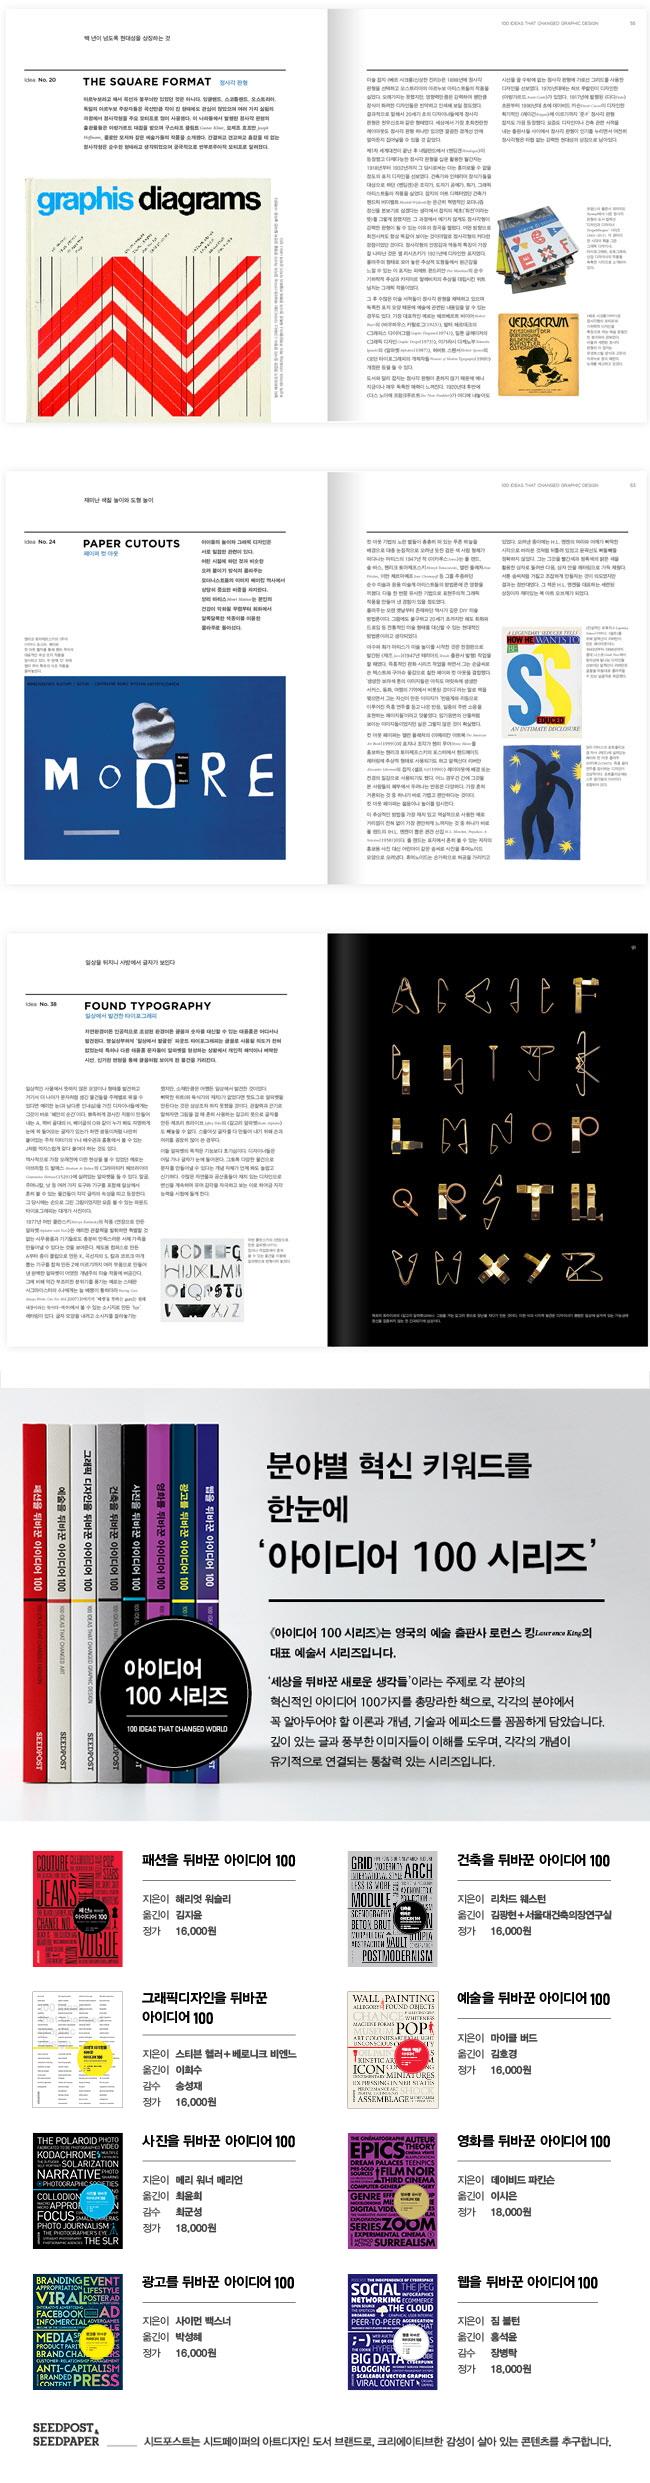 그래픽 디자인을 뒤바꾼 아이디어 100 도서 상세이미지